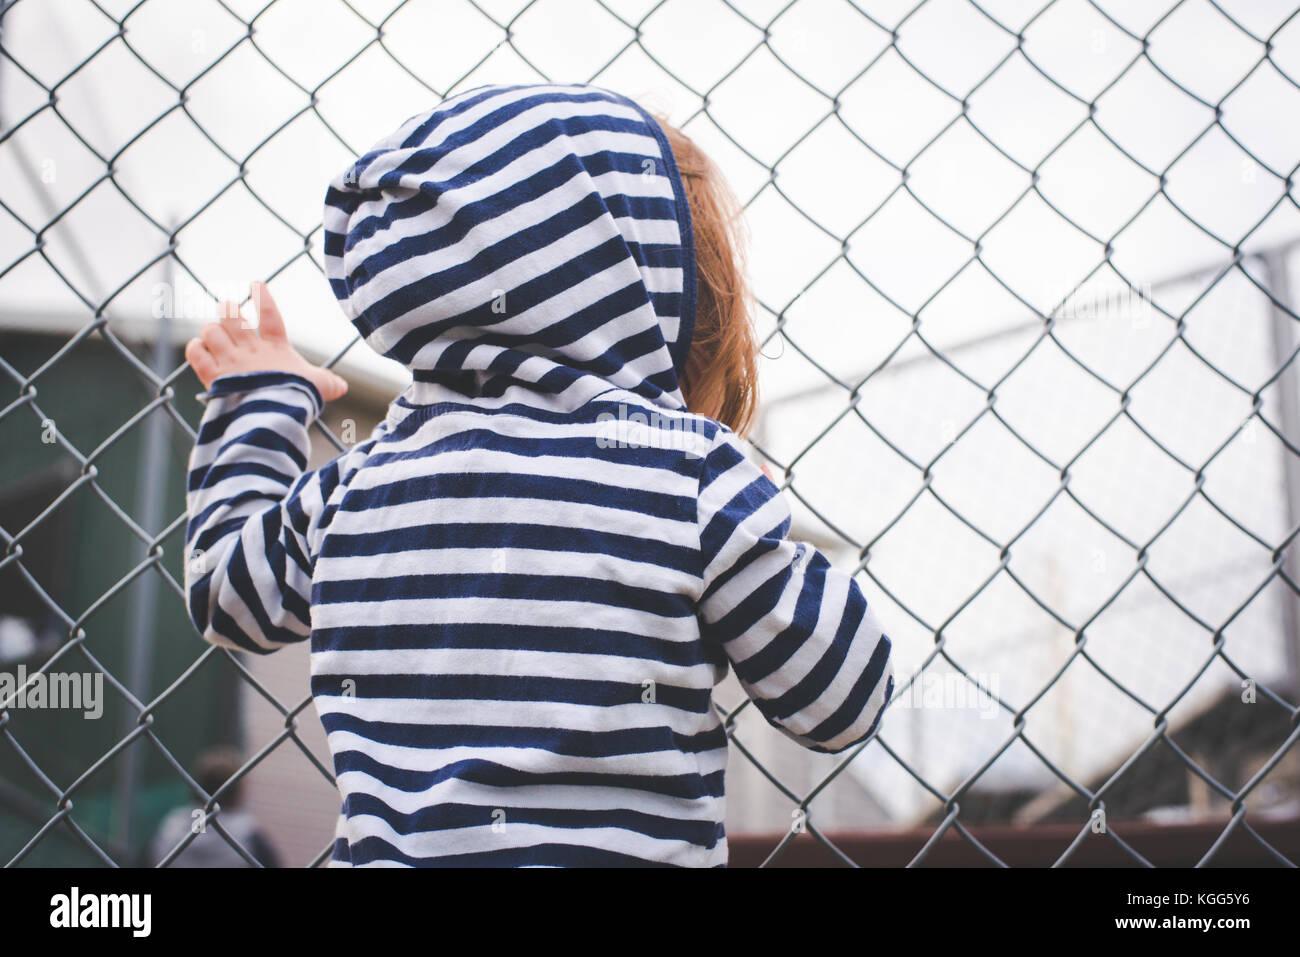 Kind hängt an einem Zaun und sieht durch sie hindurch. Stockbild